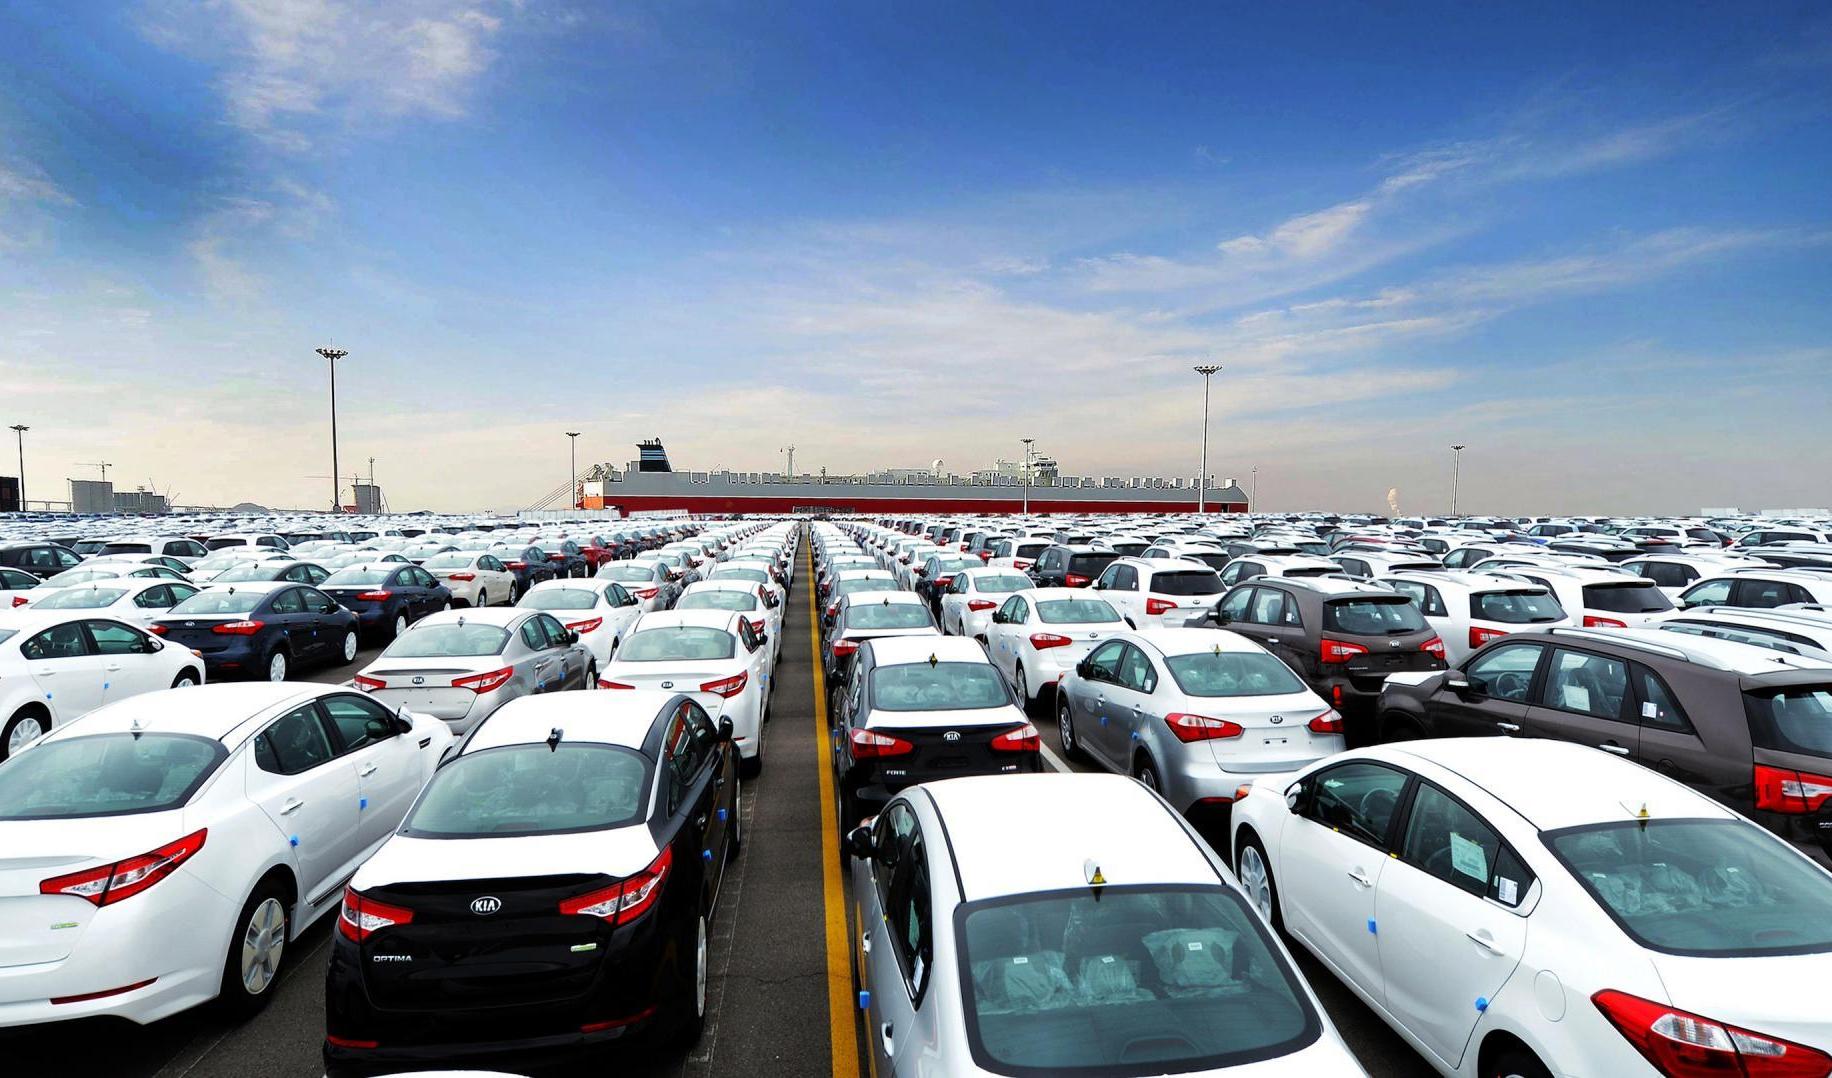 جزئیات خودروهای دپو شده در گمرک/ ۲۵۸دستگاه بالای ۲۵۰۰ سیسی